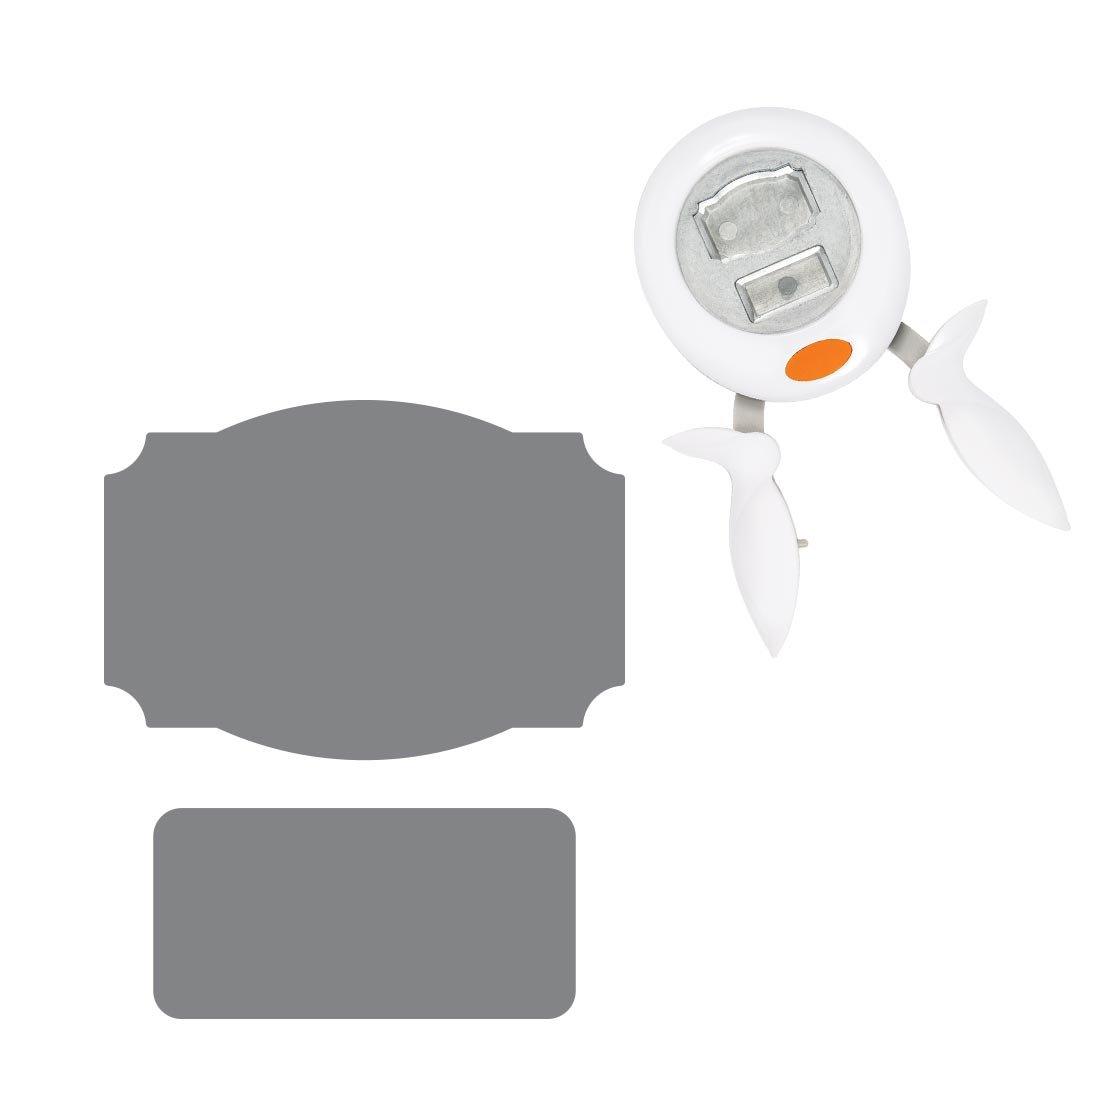 L Acero de calidad//Pl/ástico 1024411 /Ø 3,8 cm Blanco//Naranja Bote Fiskars Alicates perforadoras Para diestros y zurdos